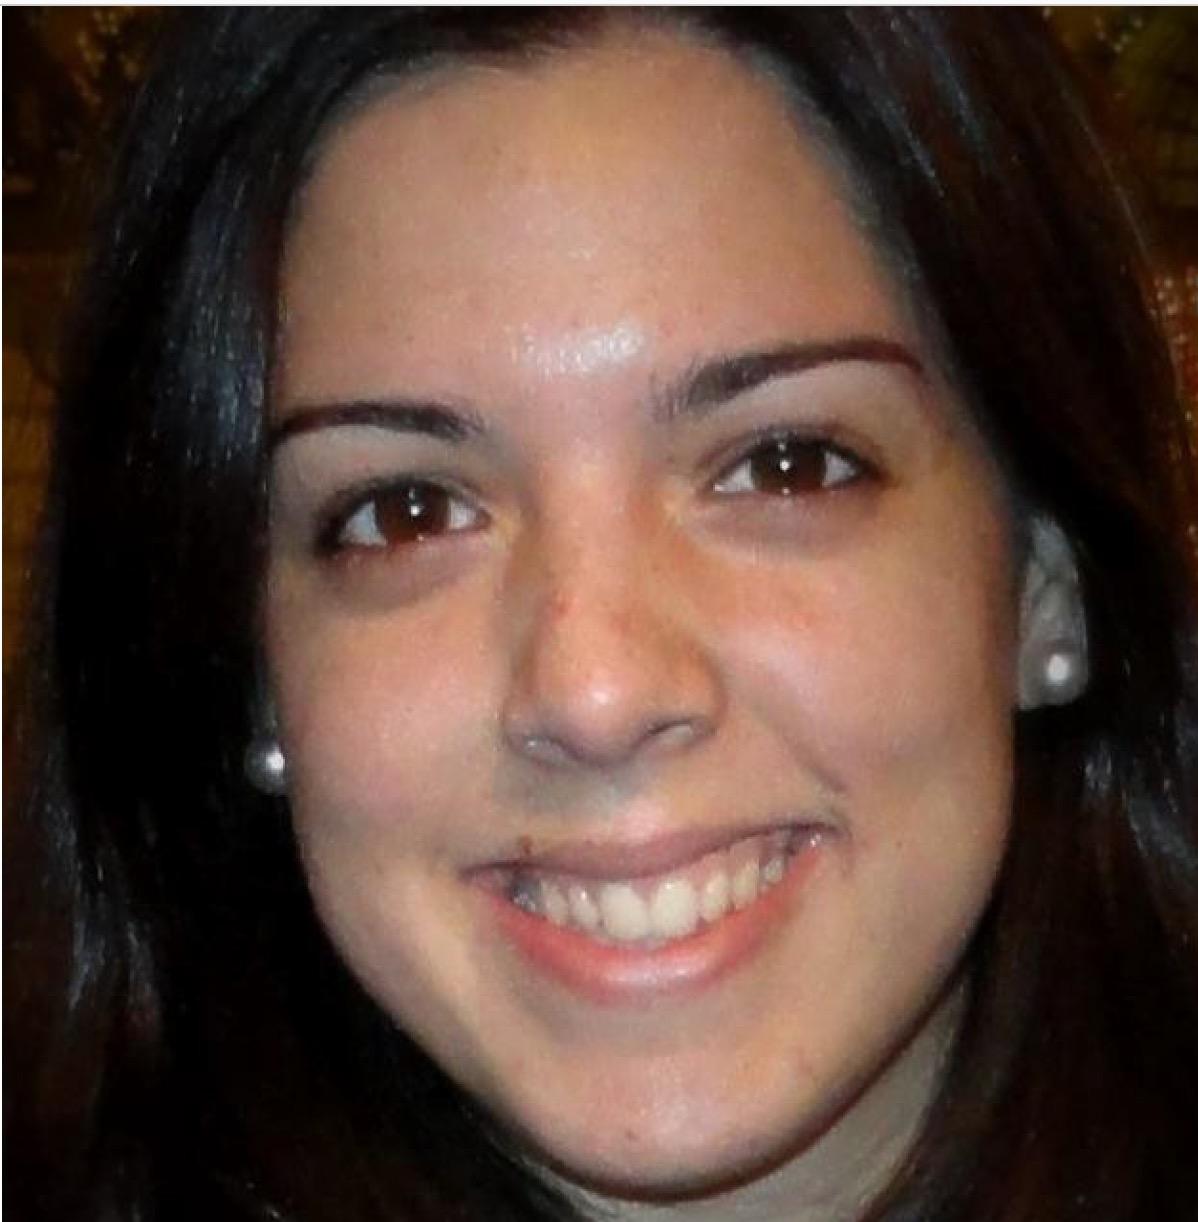 Sara Duarte